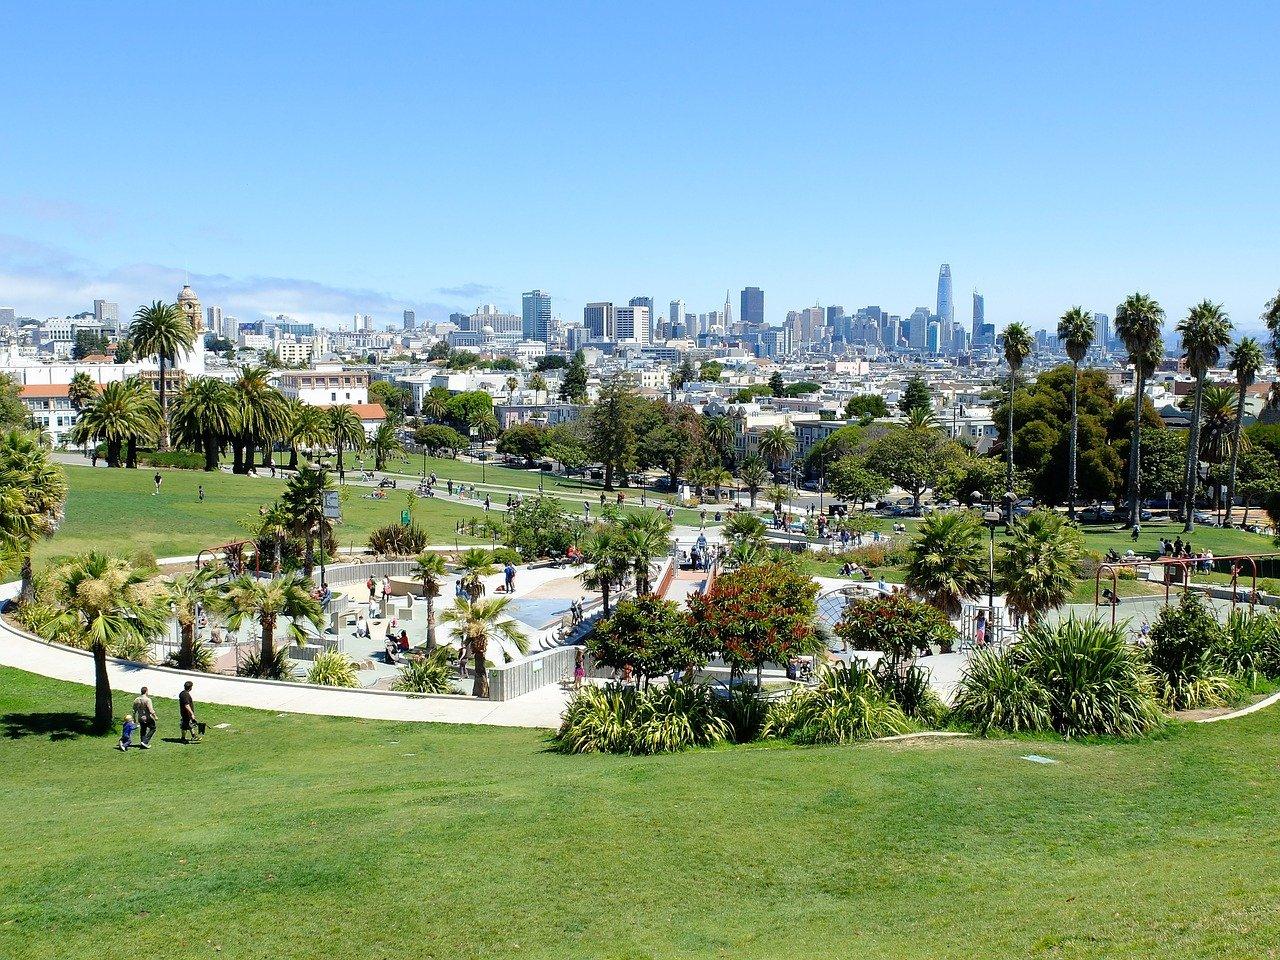 parque americano com area verde